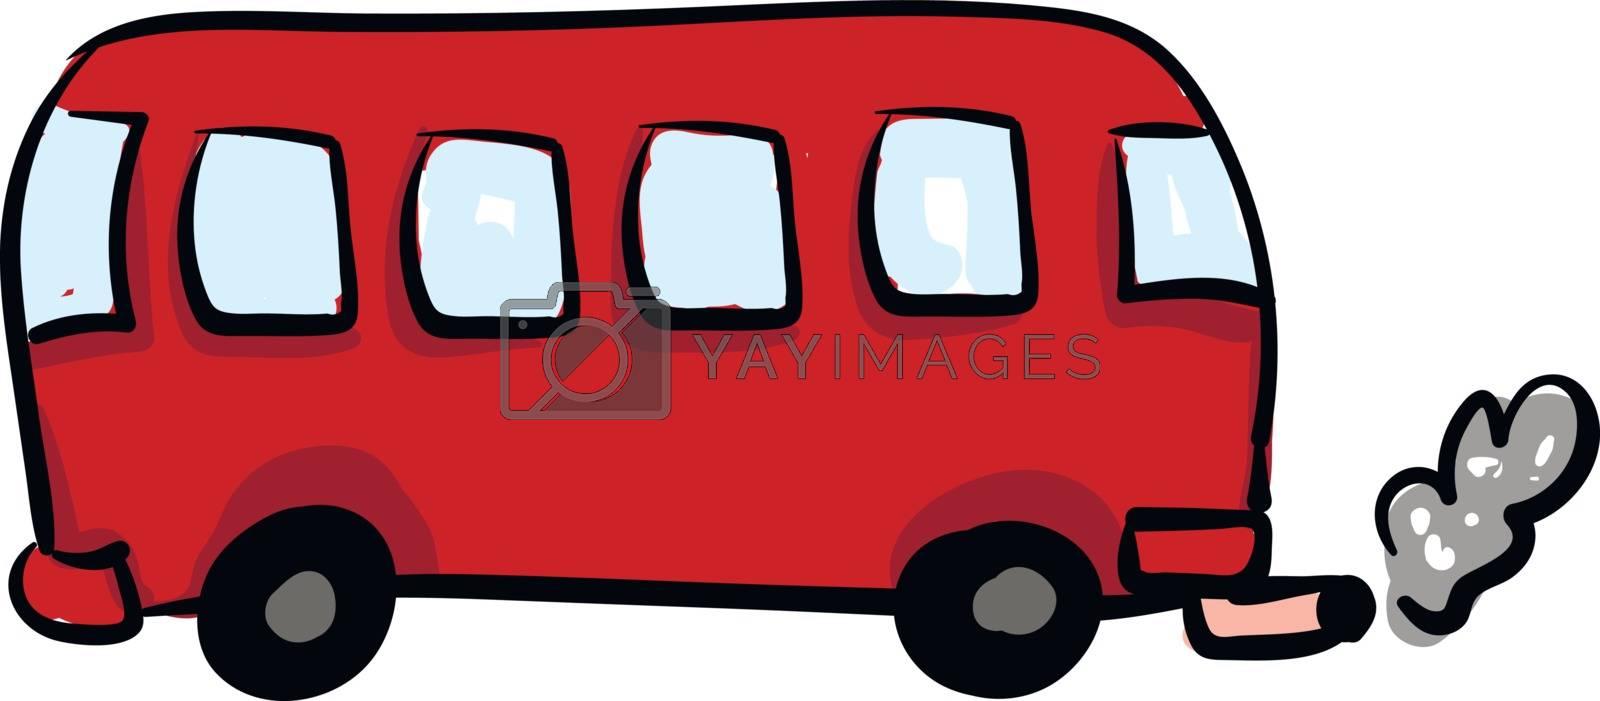 Red avtobus, vector or color illustration.  by Morphart